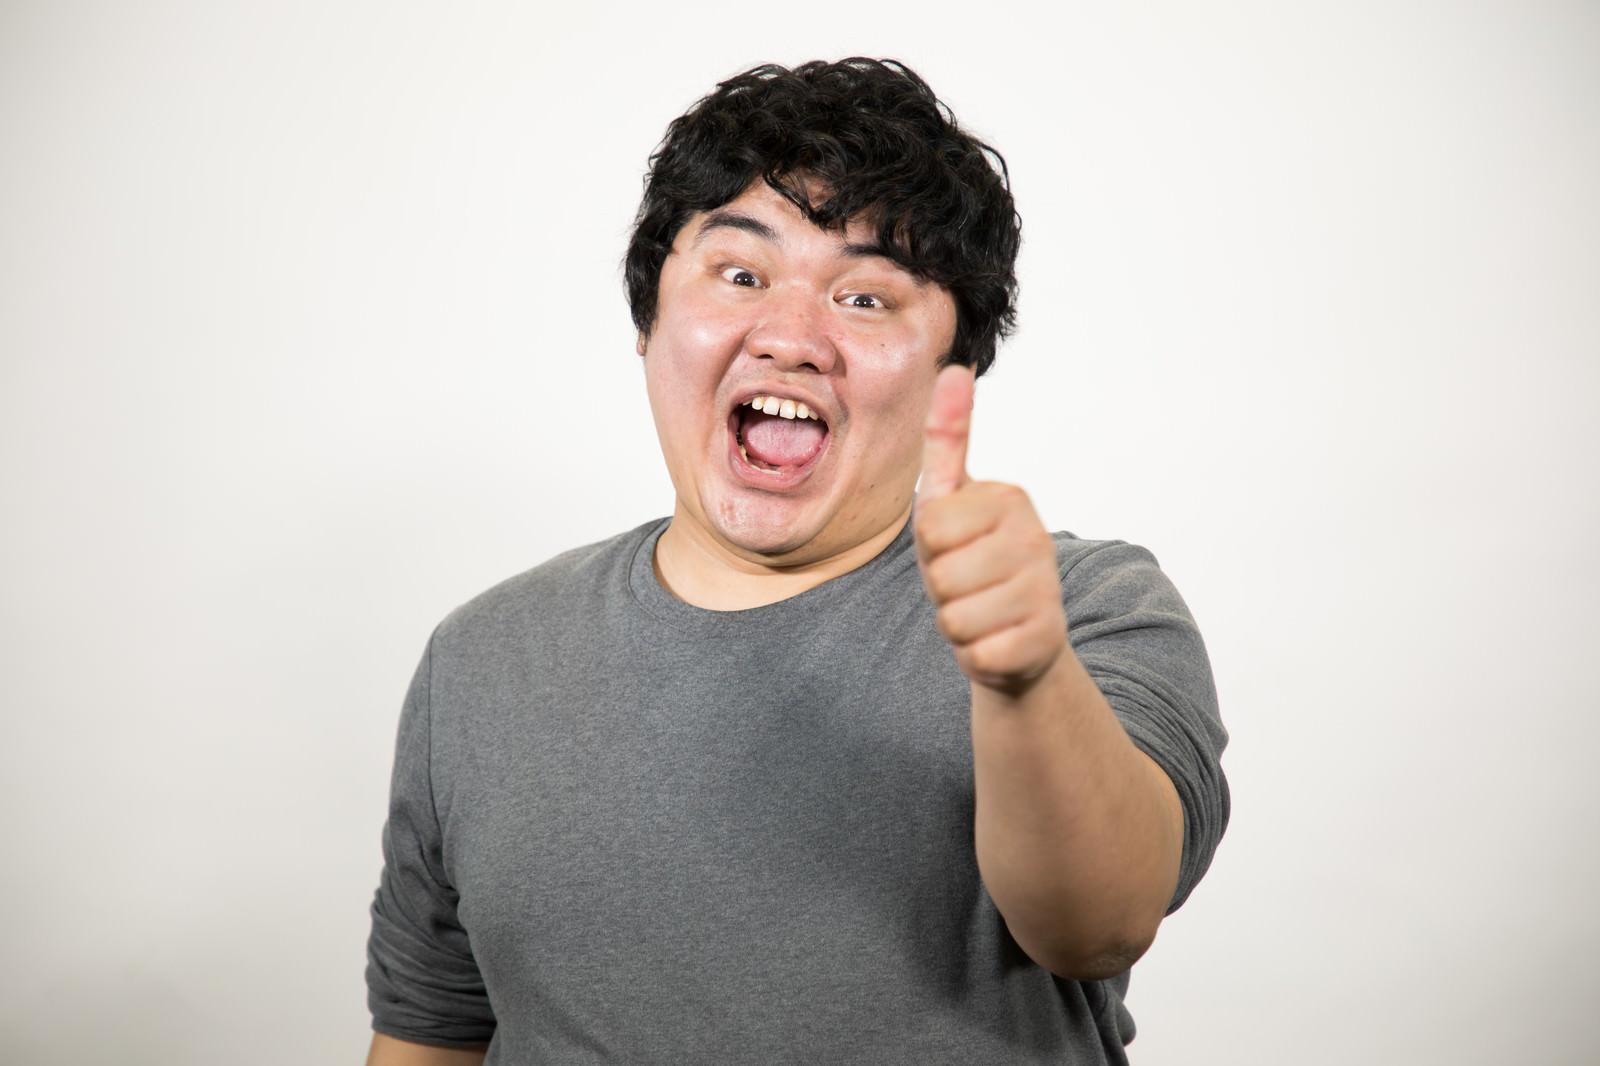 「バッチリOK!LGTMに使いやすい男性エンジニアの画像」の写真[モデル:段田隼人]